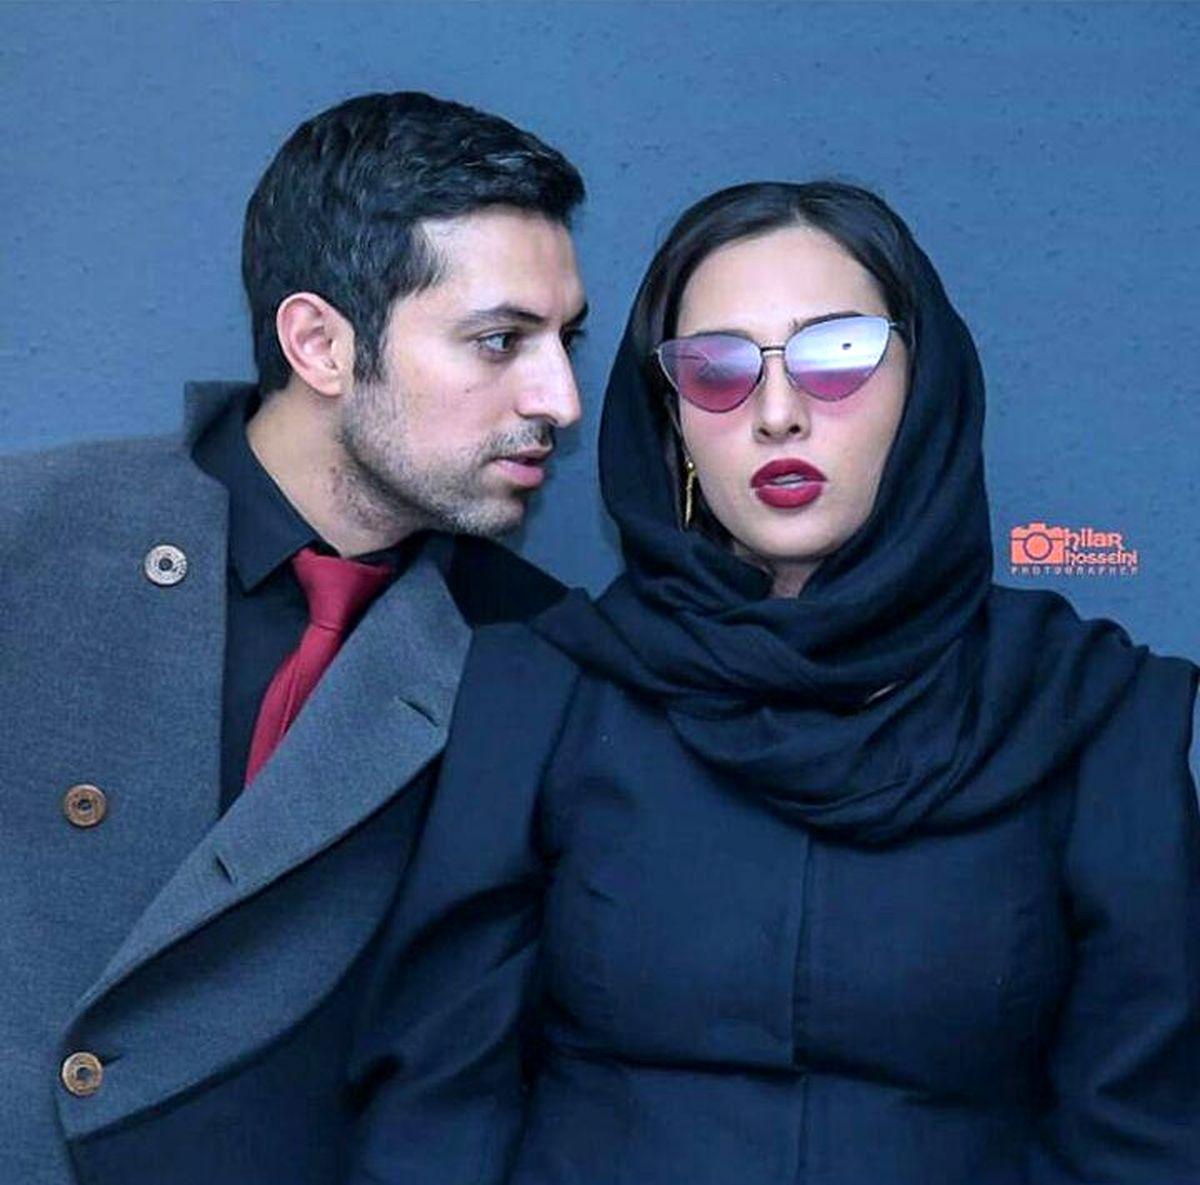 عروس سابق علی پروین با بازیگر مشهور ازدواج کرد + عکس